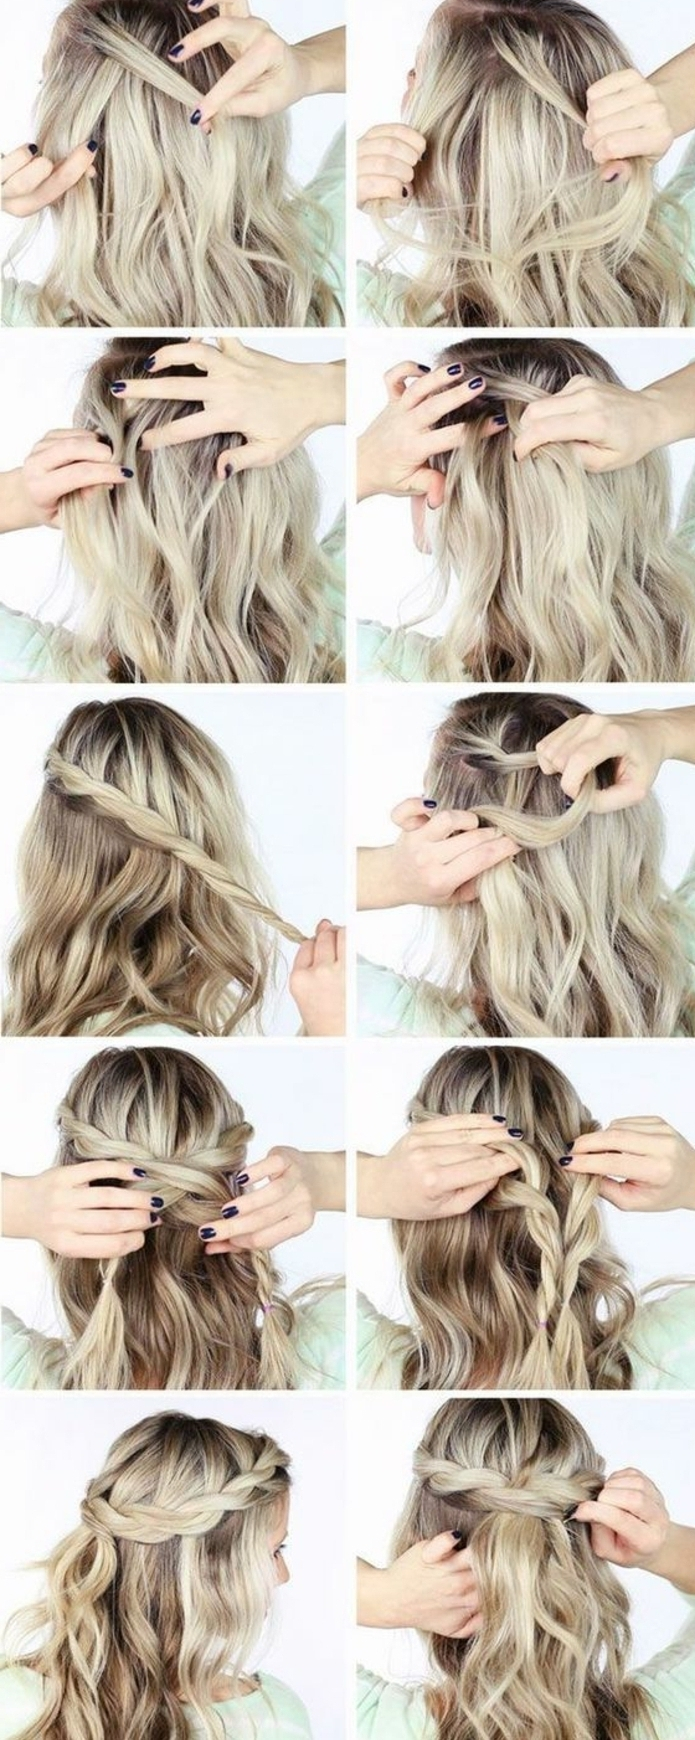 tresse collé, une couronne formée de deux tresses collées sur cheveux blonds